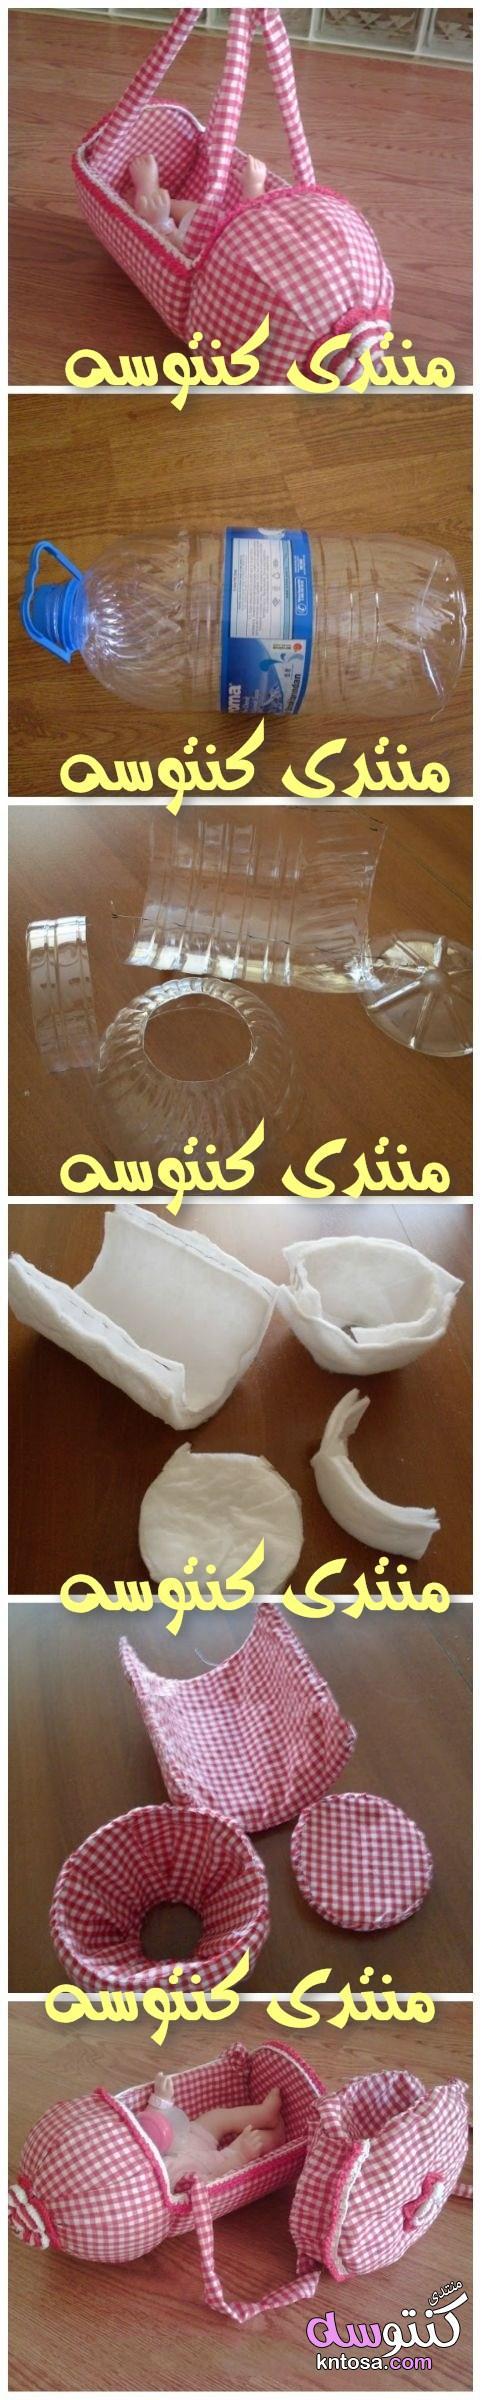 صنع شياله معالق وشوك من صنع ايديكى,اعملي سرير للبيبي من خامات بسيطه في البيت من الزجاجه البلاستيك kntosa.com_10_19_154